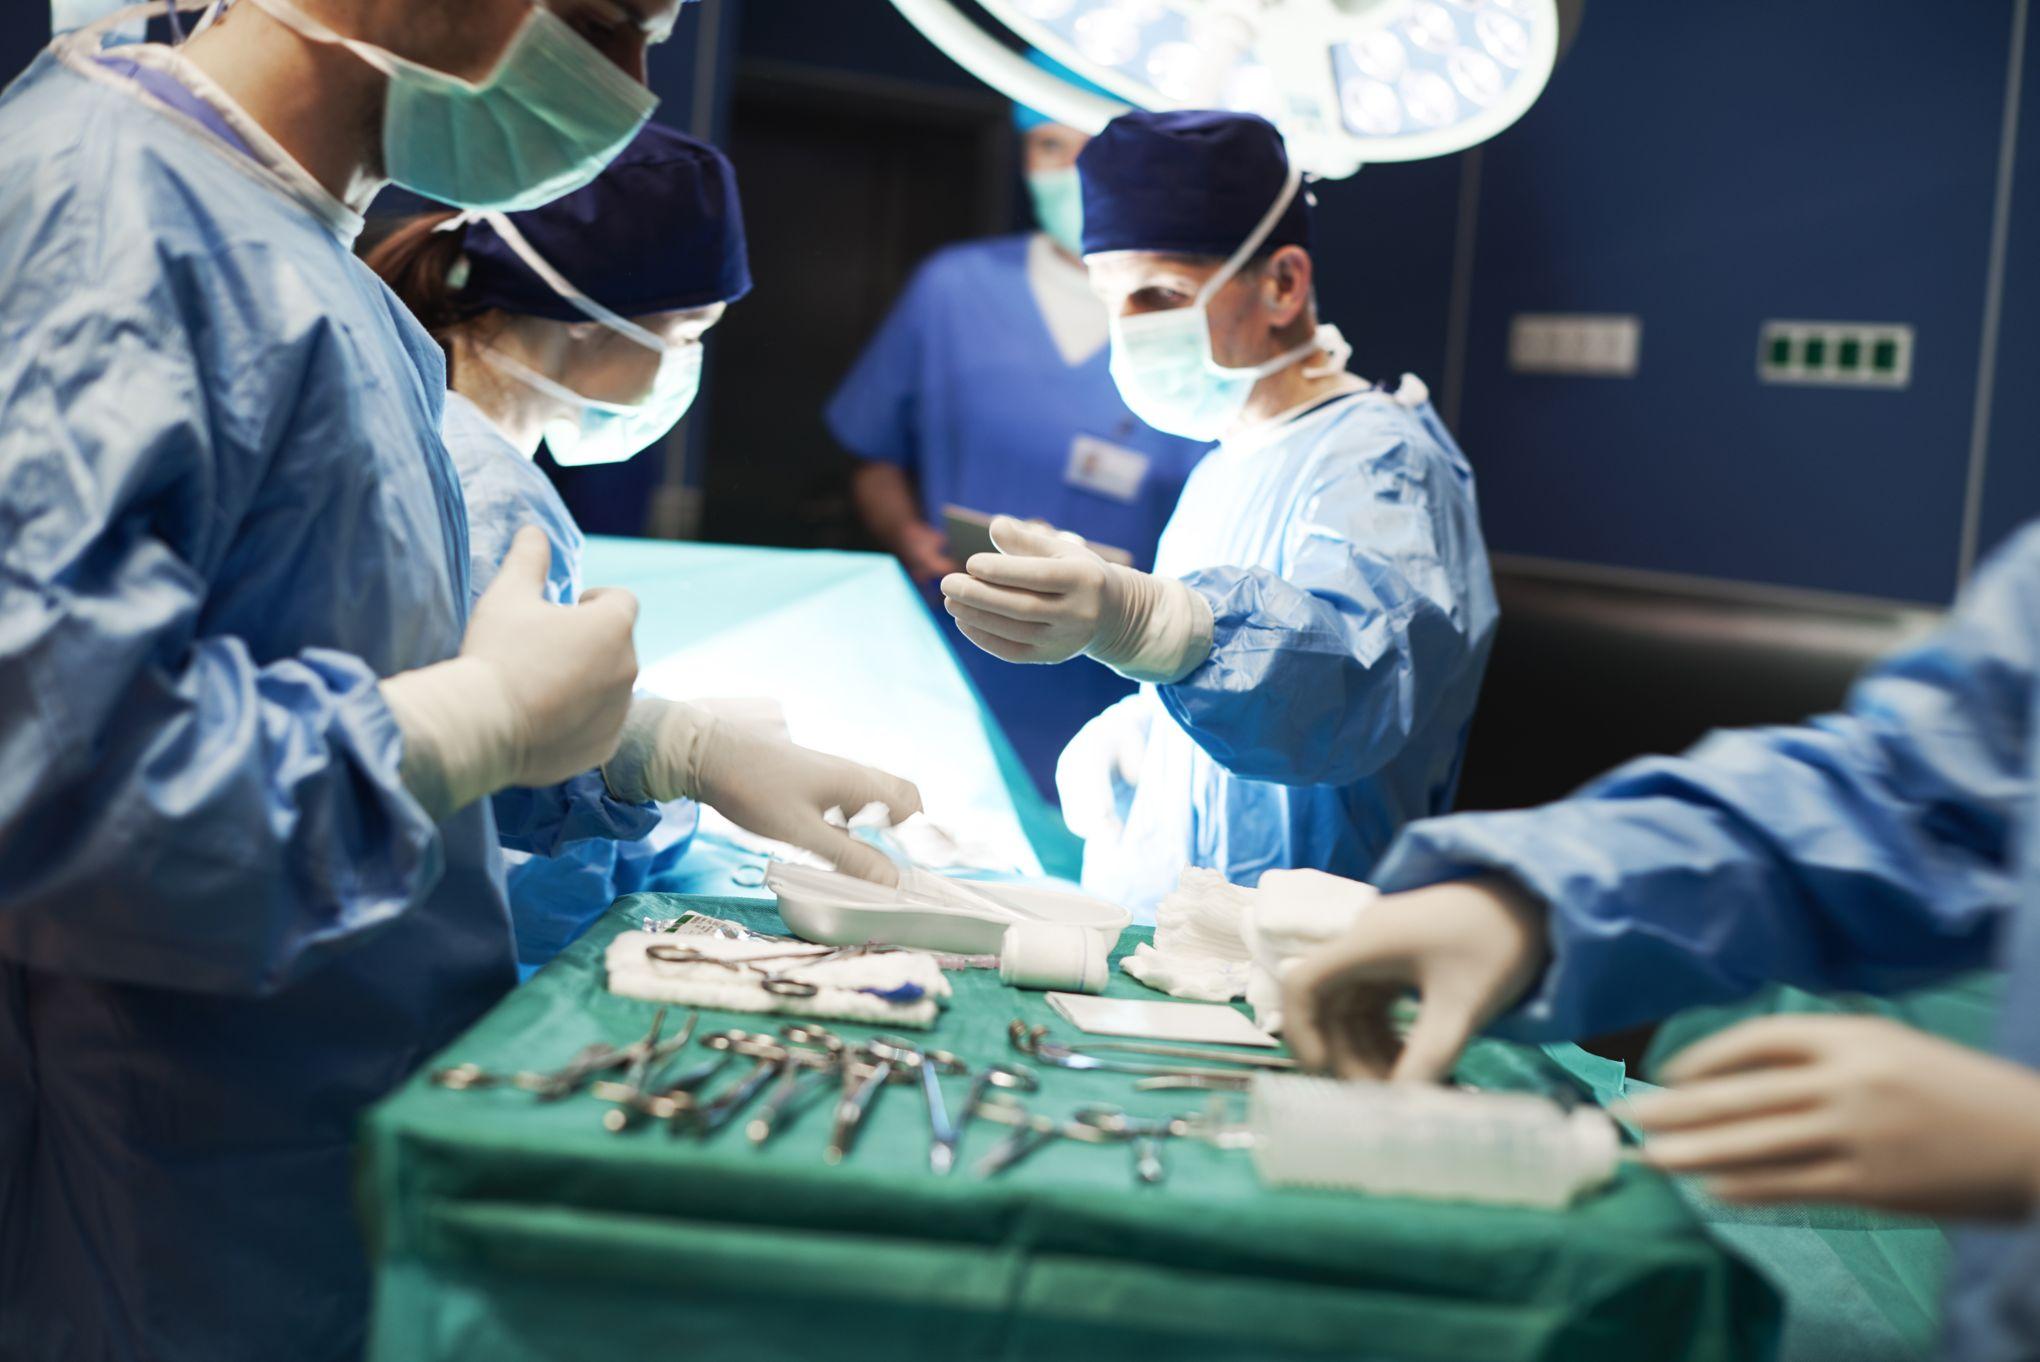 Les greffes d'organes repartent à la hausse en France